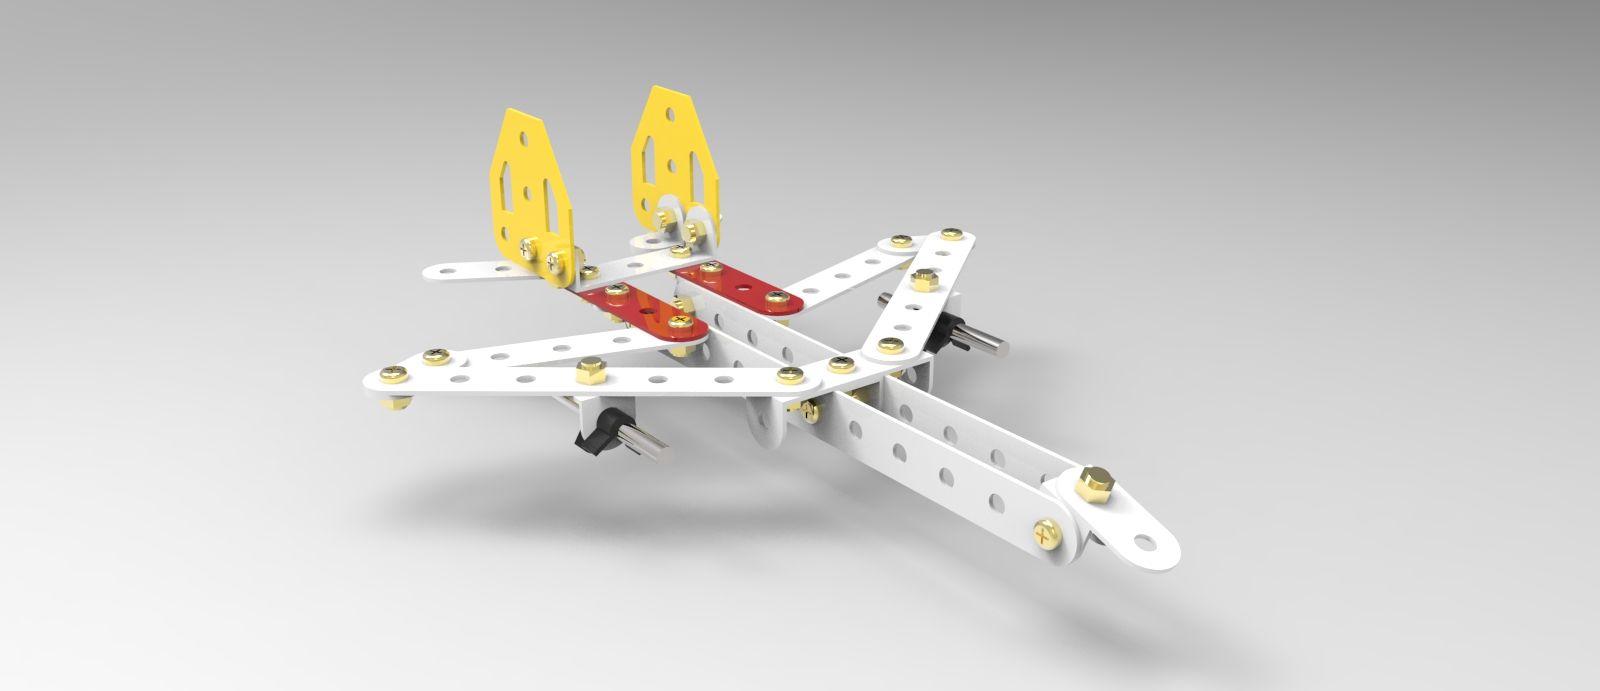 Mech-plane-25-3500-3500